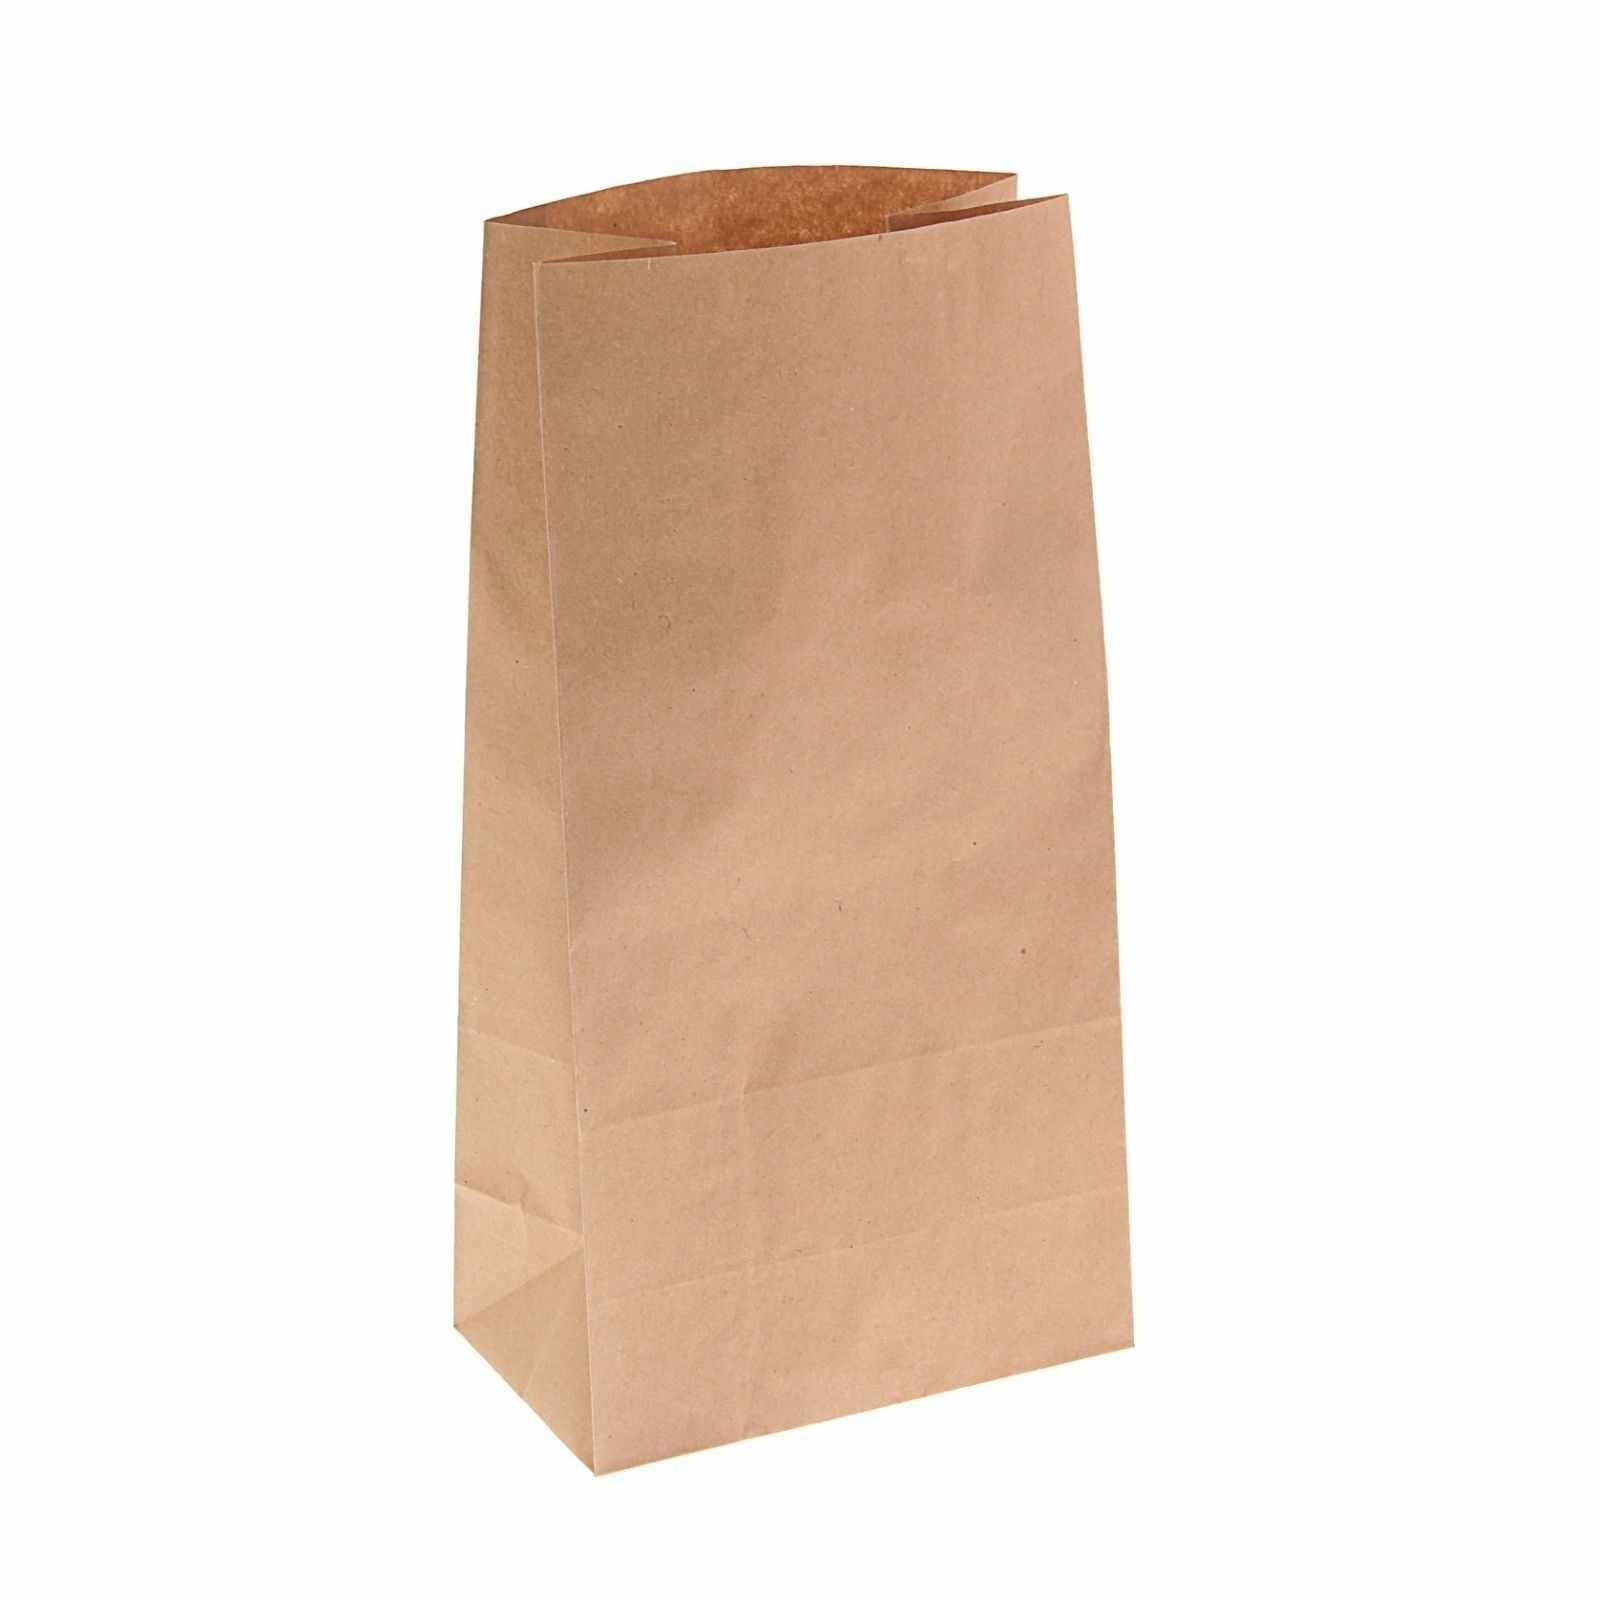 1225528 Пакет крафт бумажный фасовочный, 16 х 9,5 х 32 см